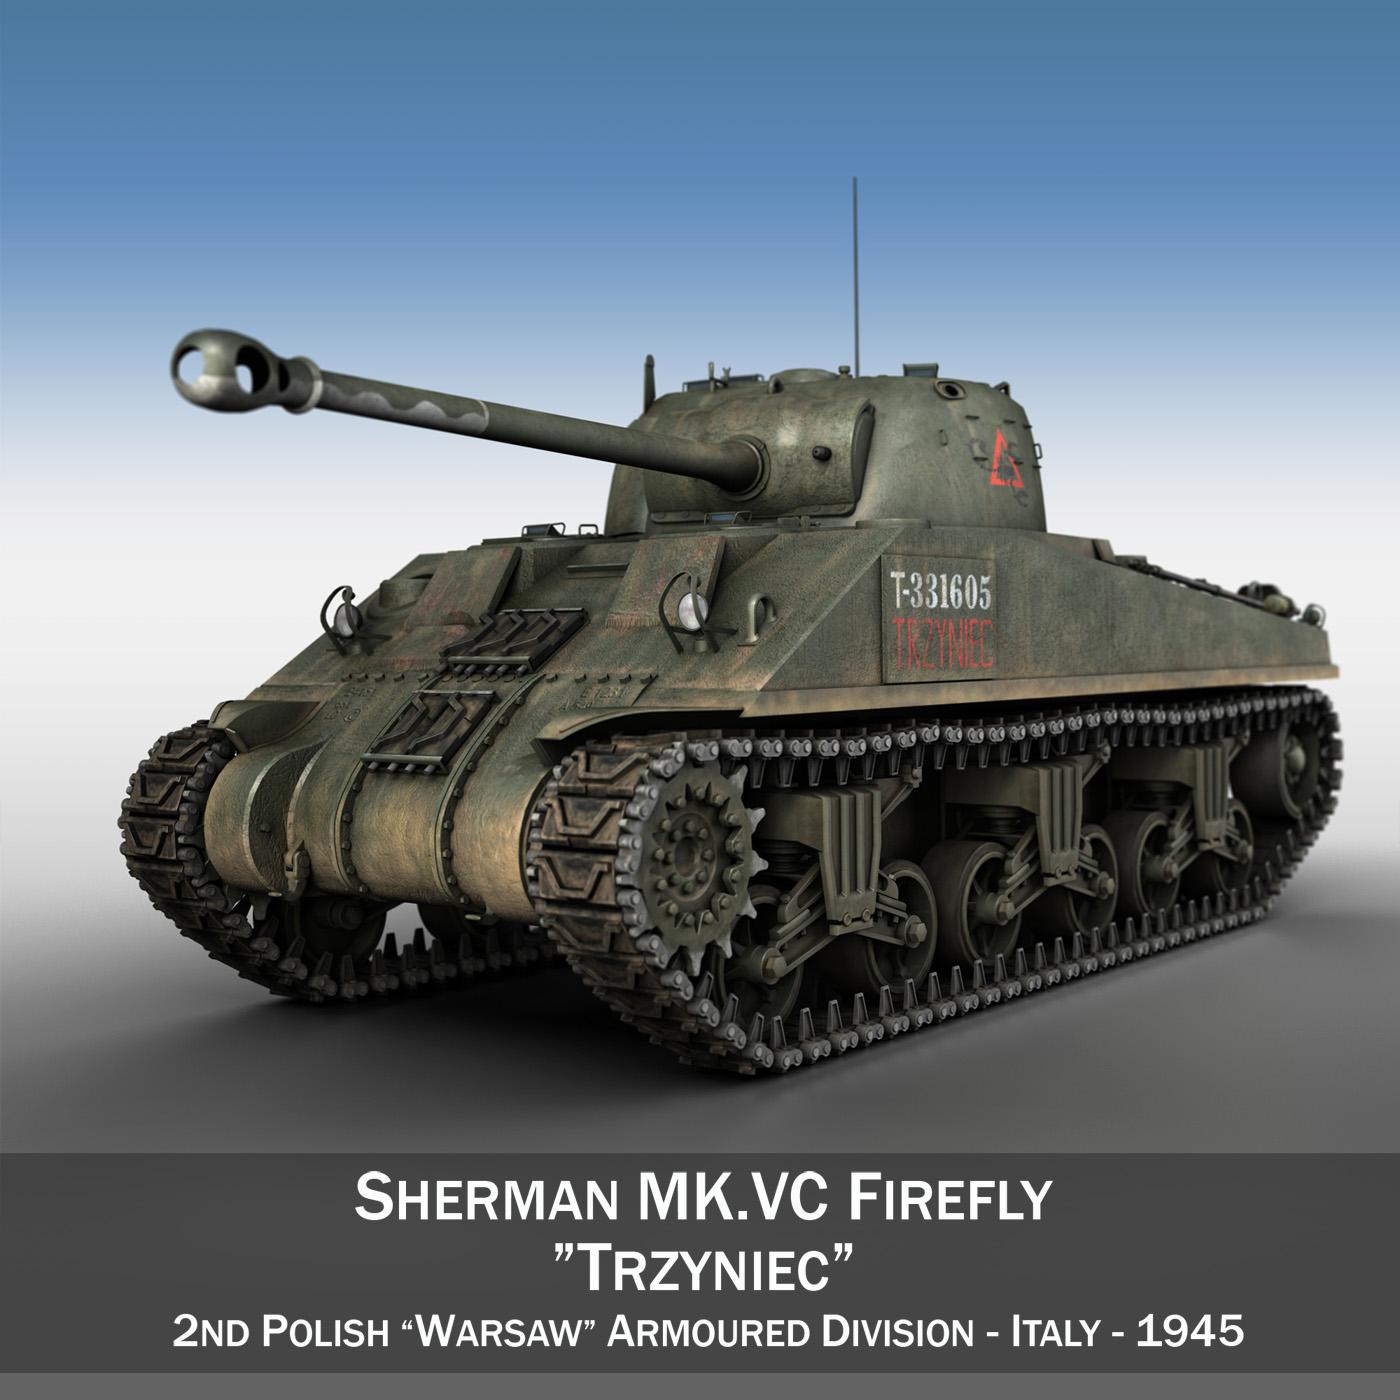 sherman mk vc firefly - samhail 3d 3ds fbx c4d lwo obj 274478